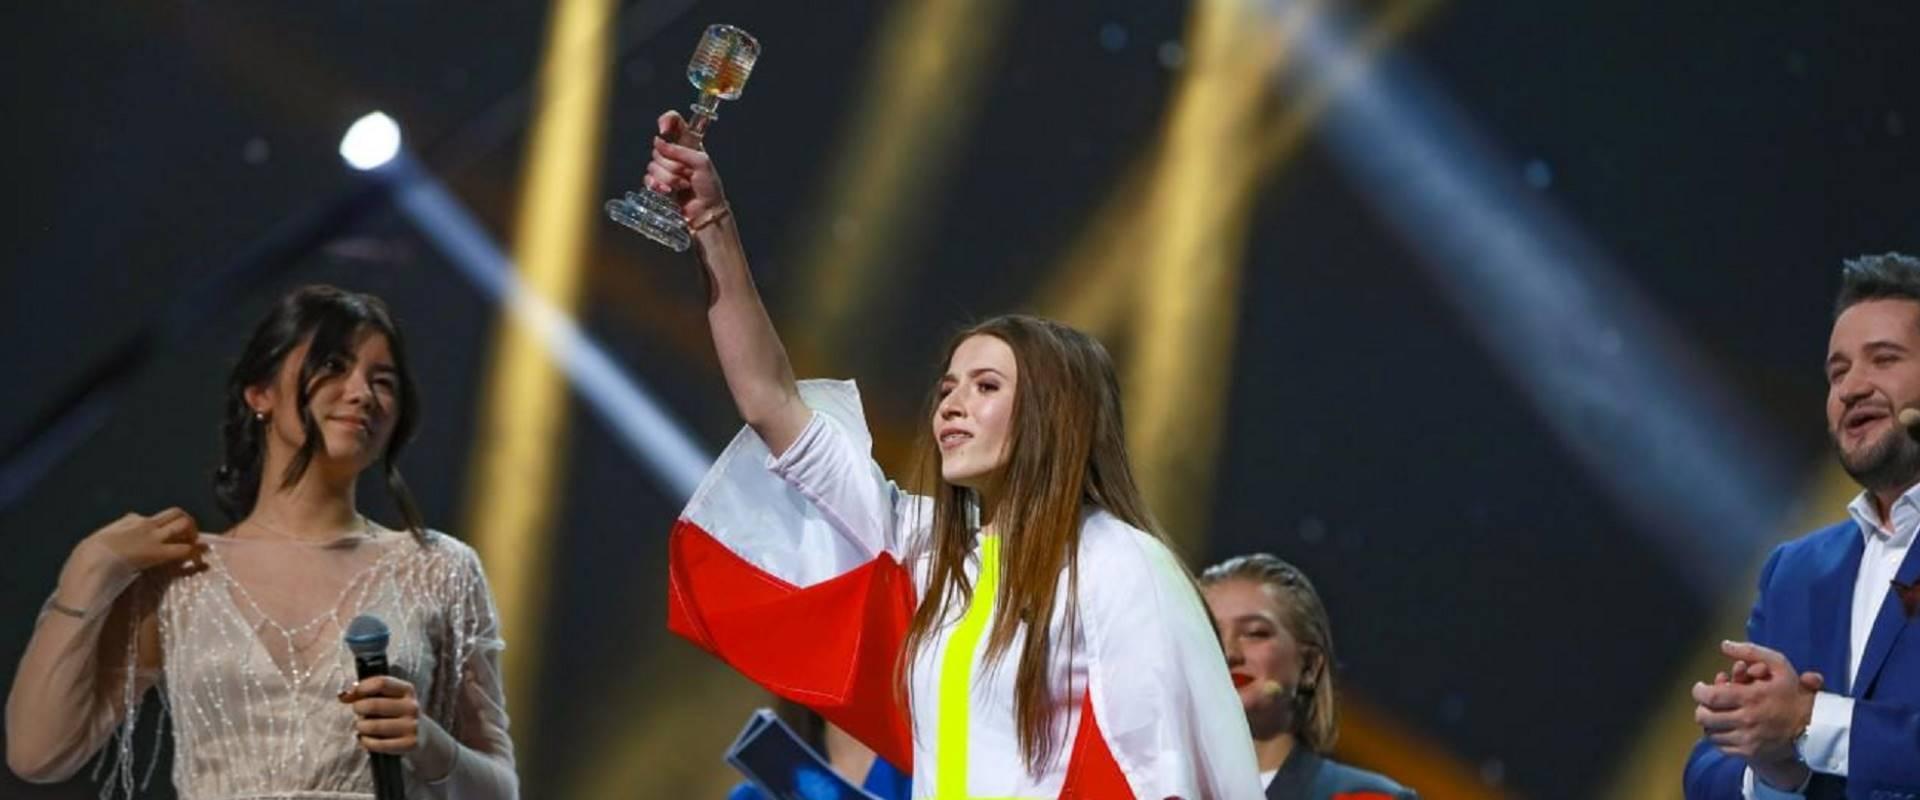 רוקסנה ונגיאל, המנצחת של אירוויזיון ג'וניור 2018